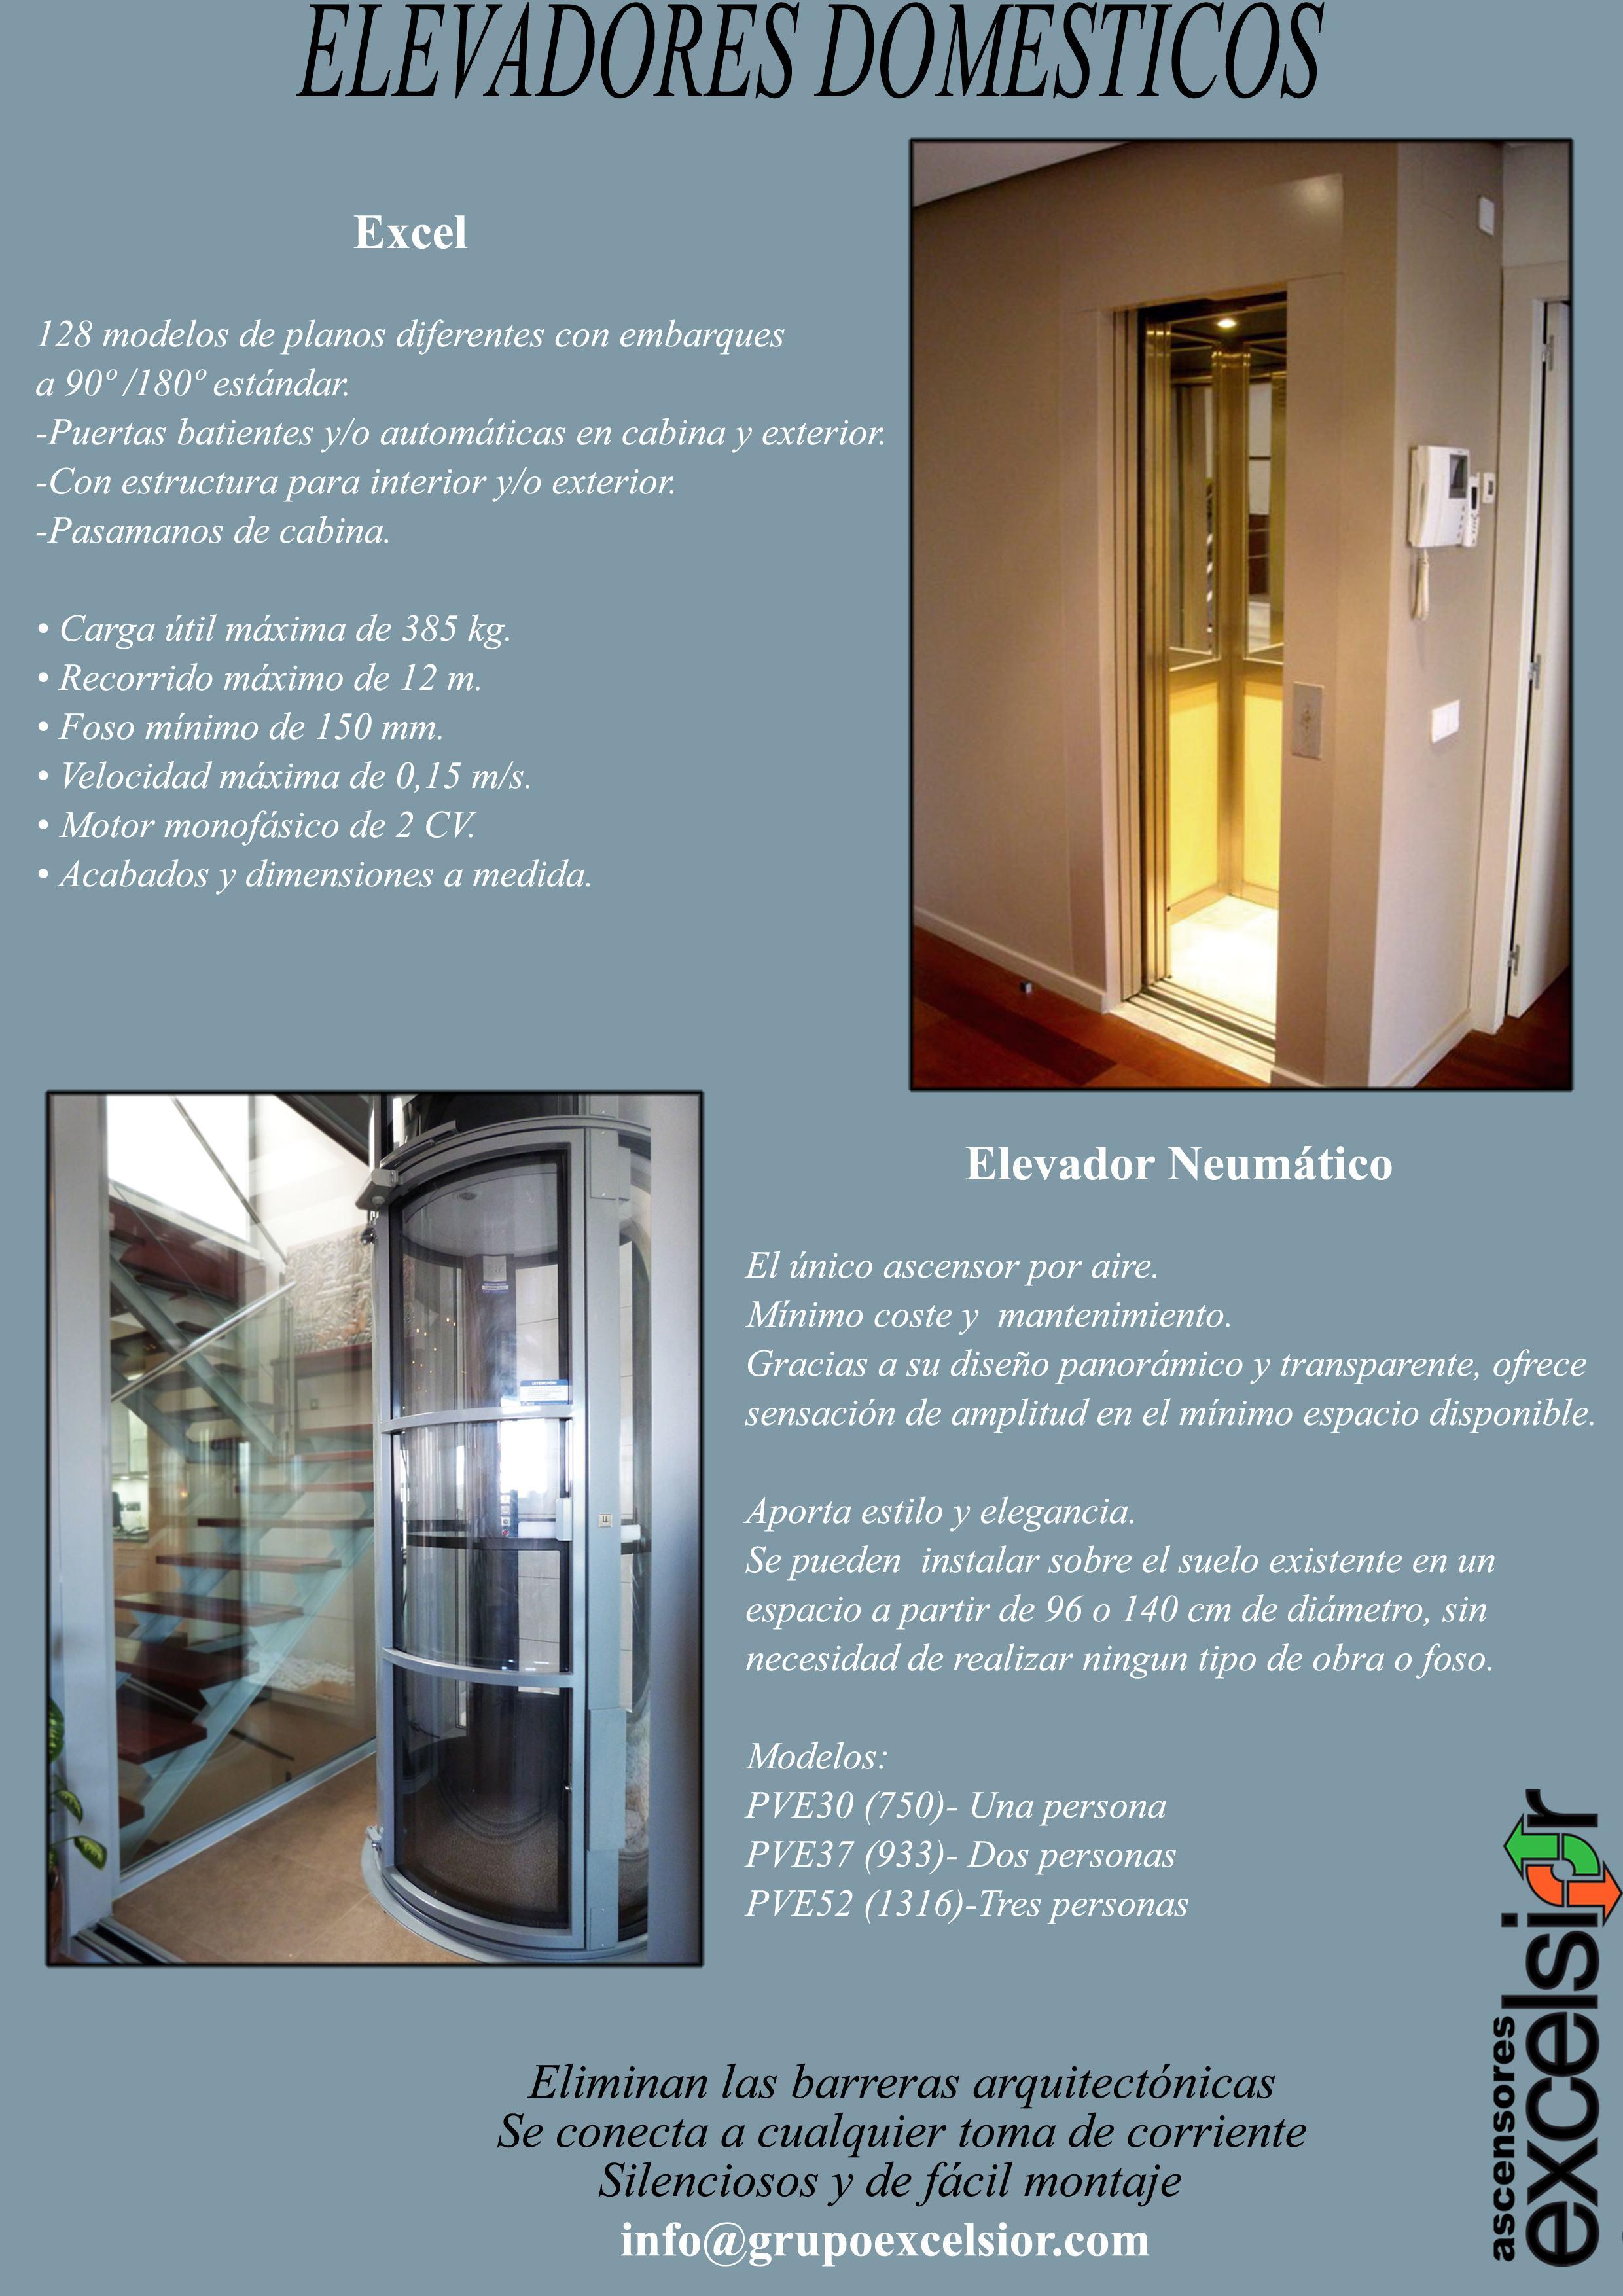 Los elevadores dom sticos de ascensores excelsior - Elevadores domesticos ...